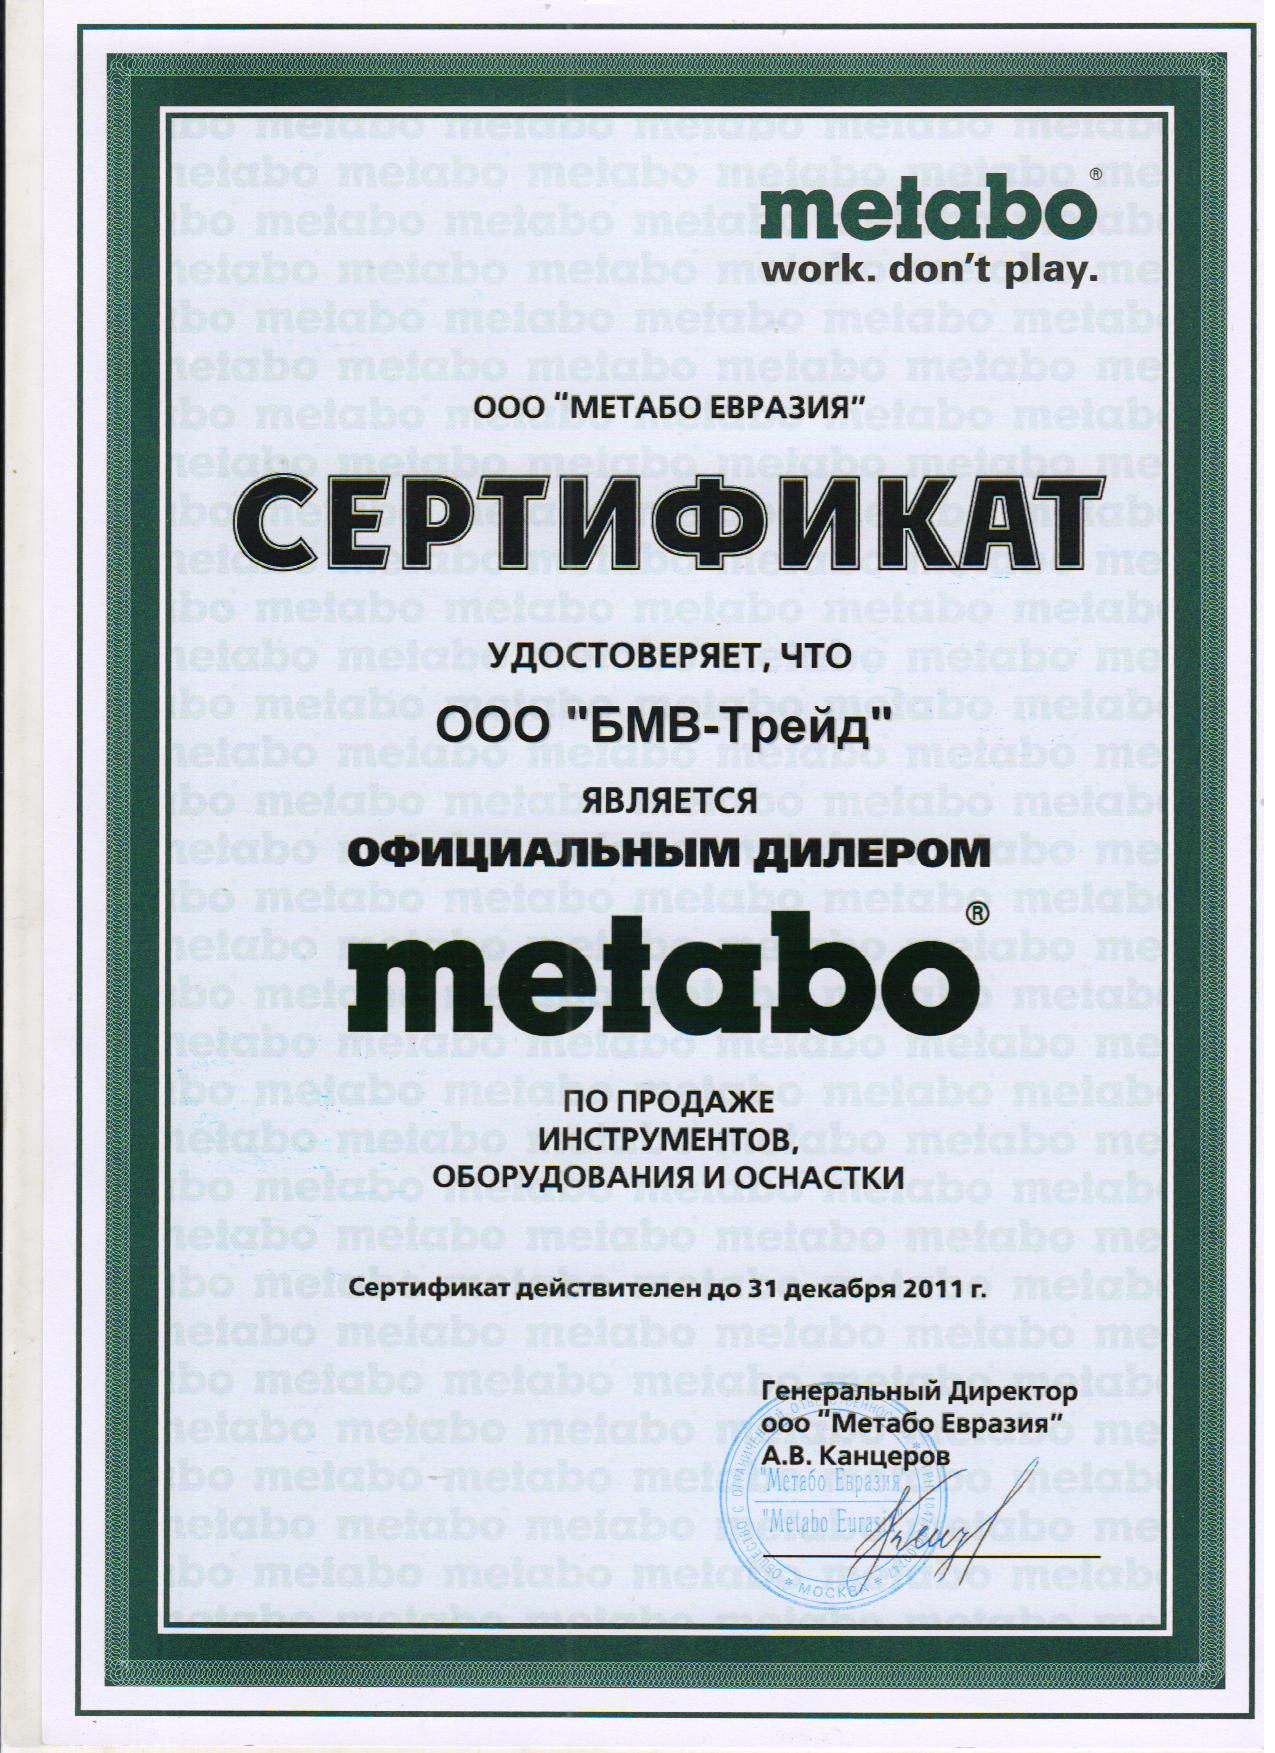 Сертификат дилера Metabo.БМВ-Трейд